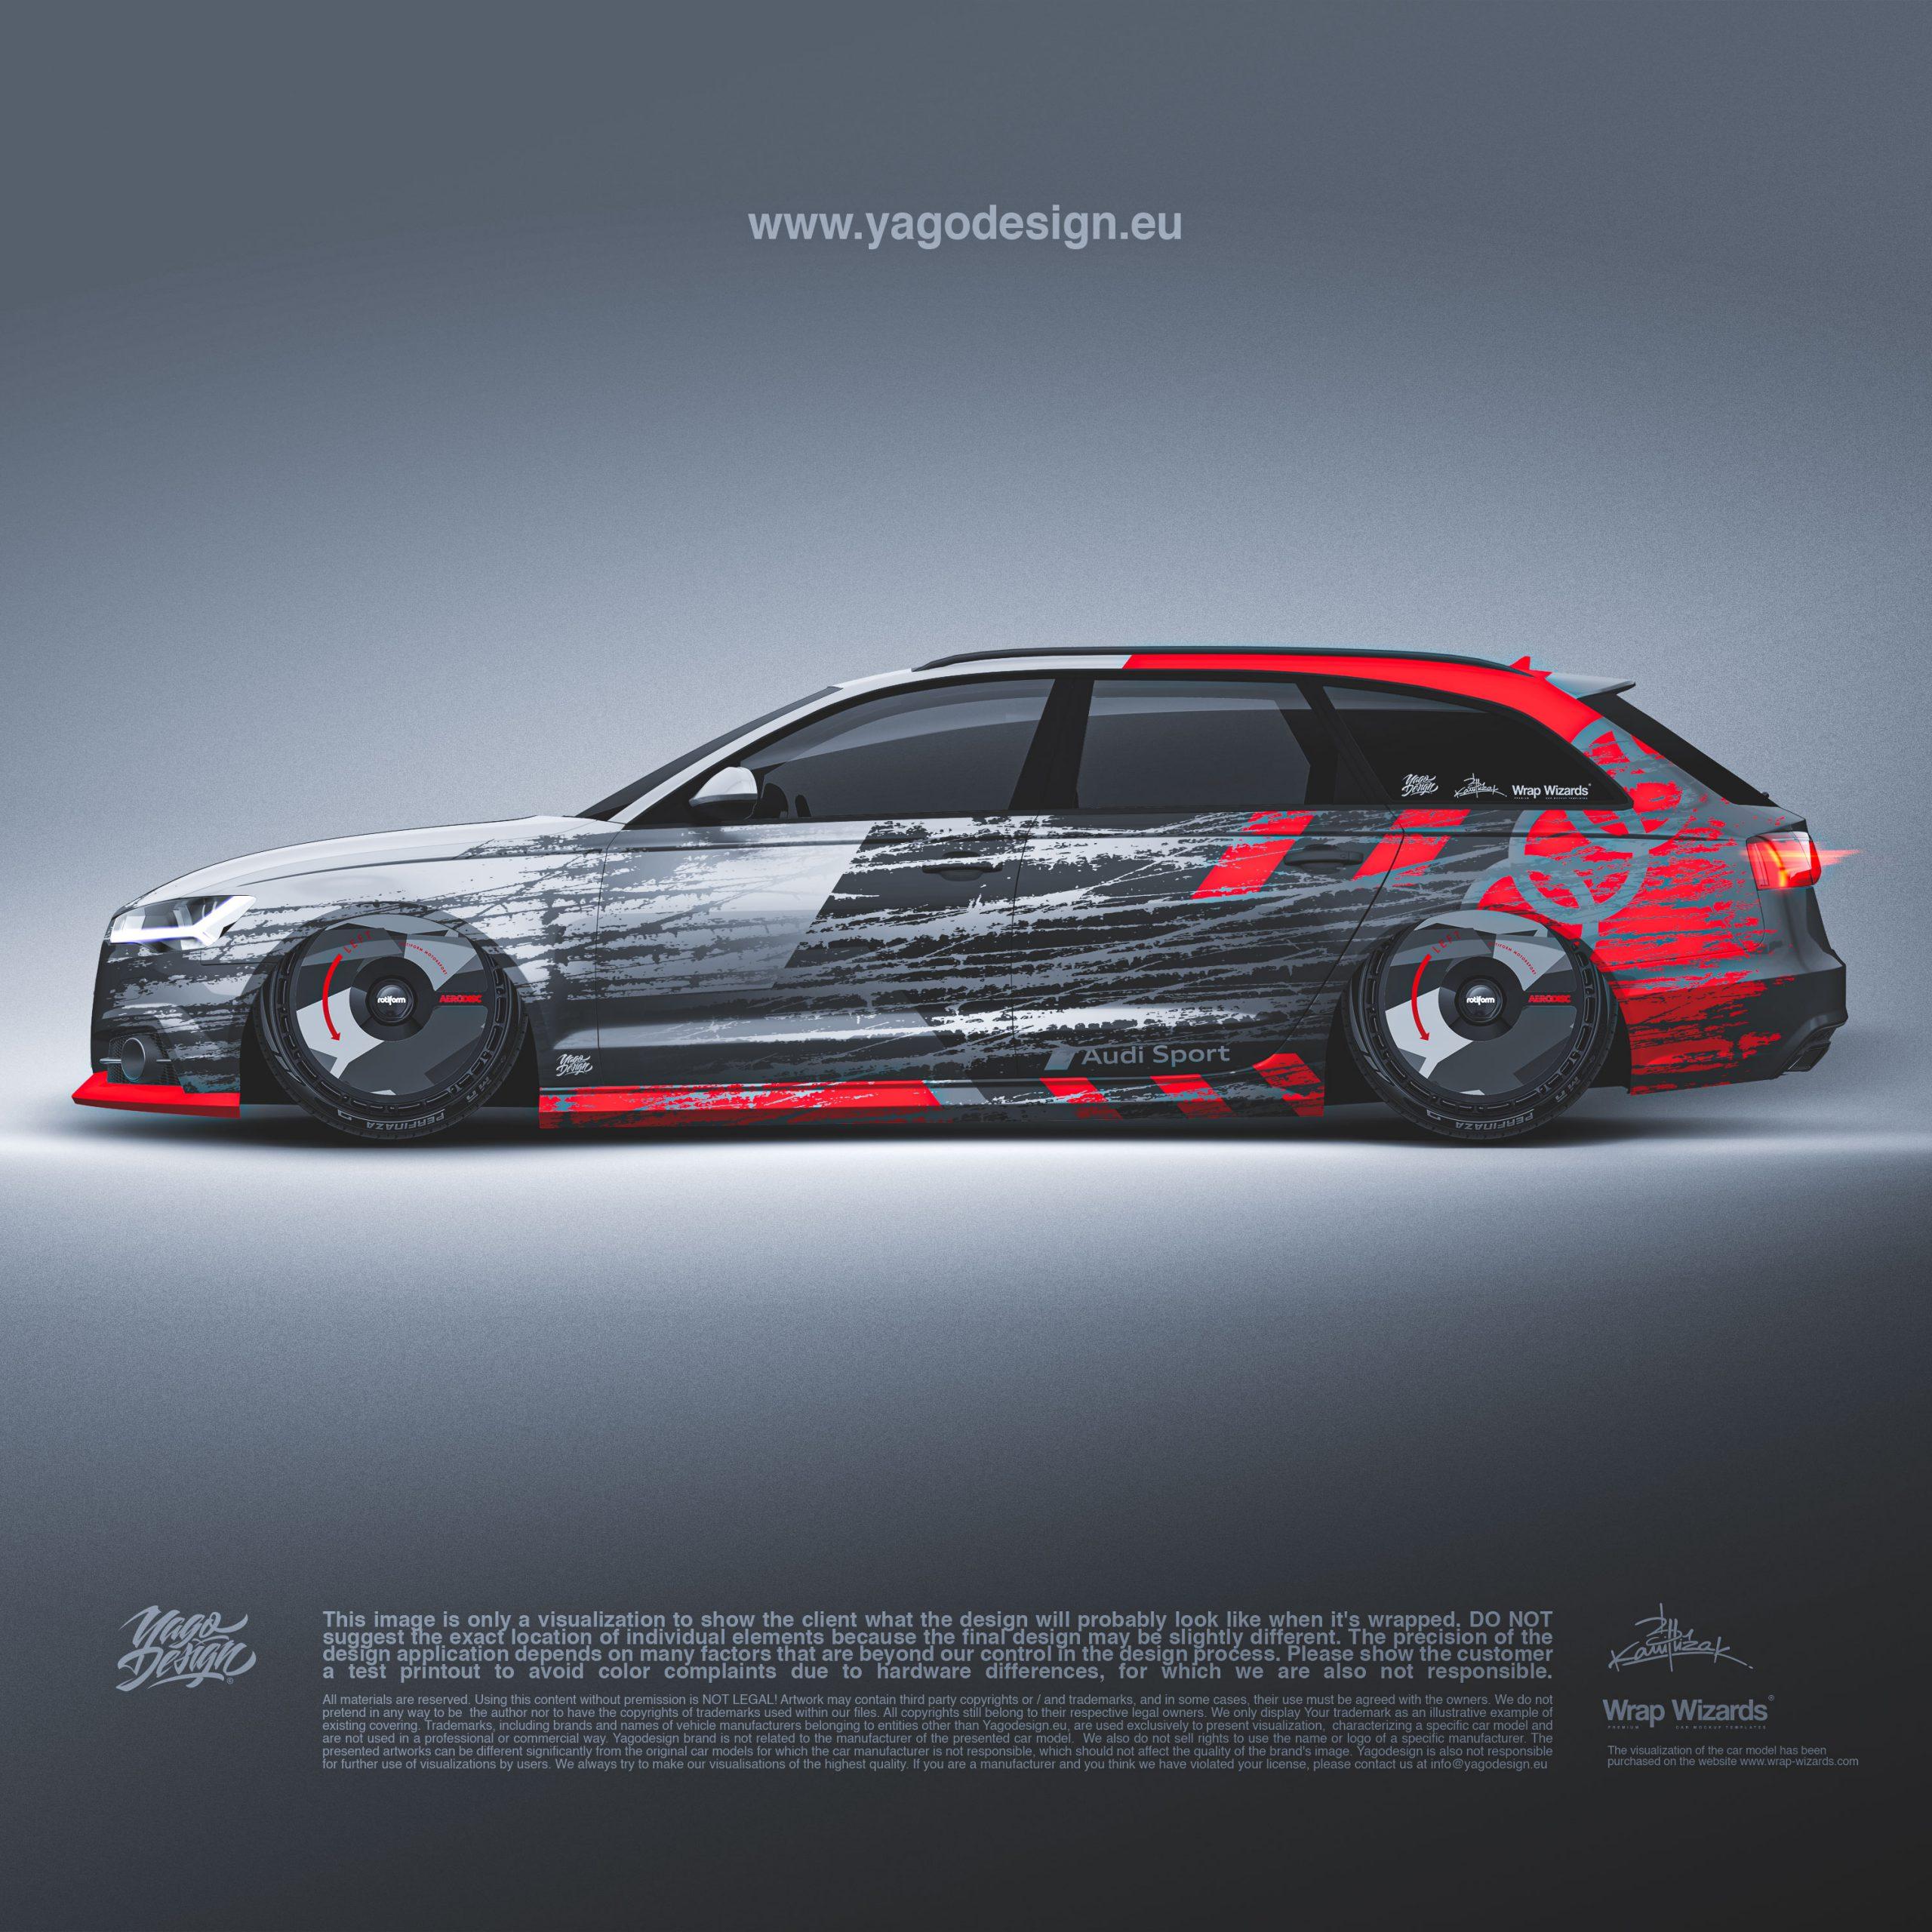 Audi-A6-Avant-2015-SV